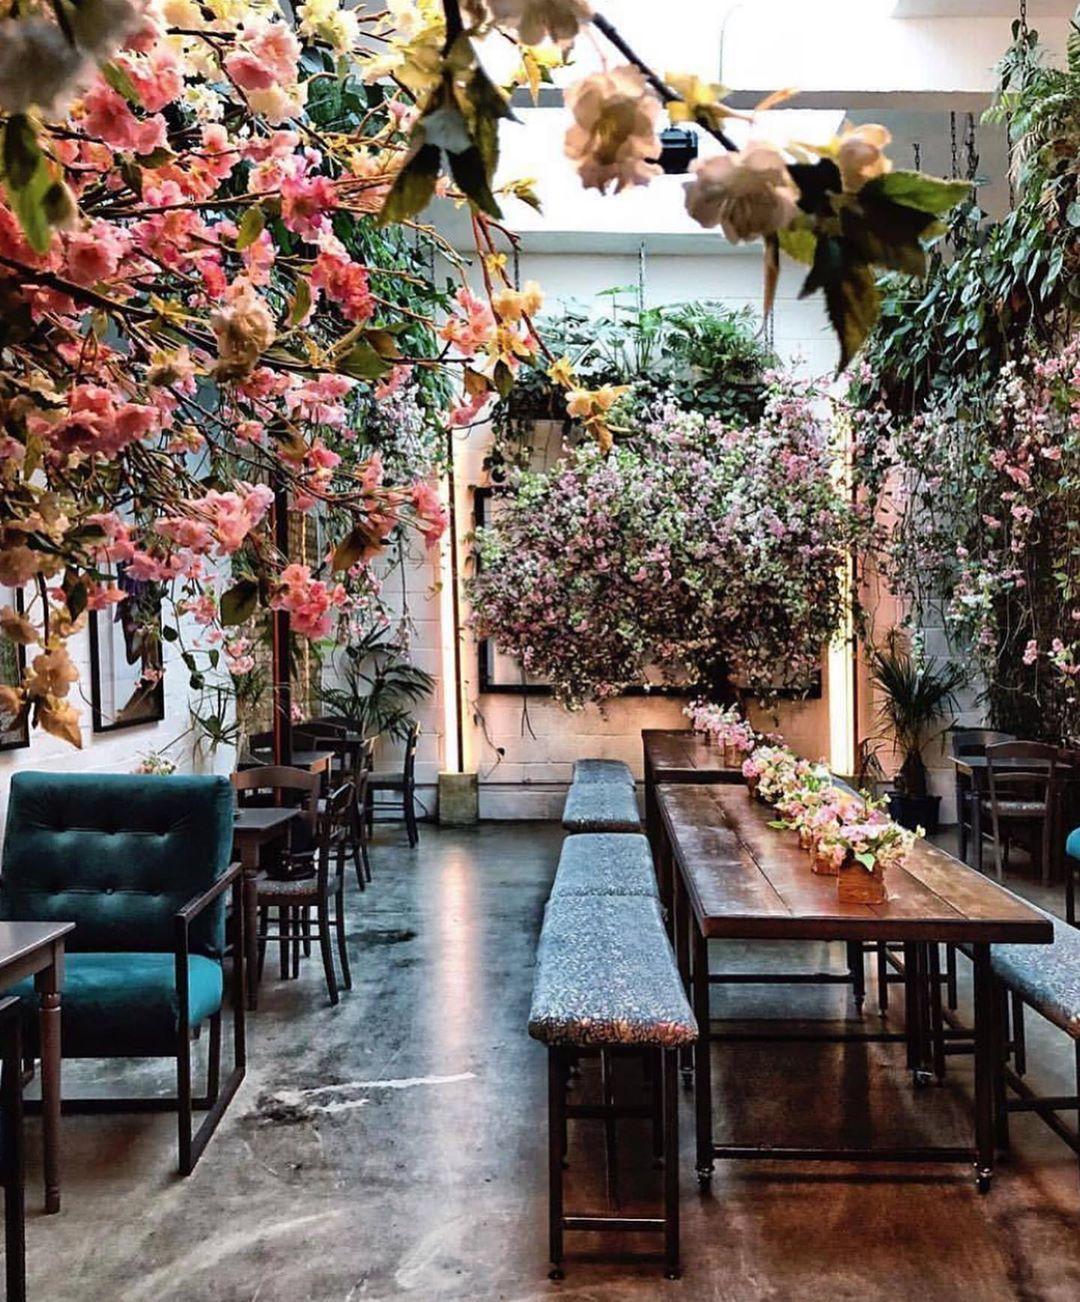 Ashley Stark Kenner On Instagram The Secret Garden Garden Backyardgarden Gardendesign Houseandgarden Inter In 2020 Secret Garden Elle Decor Inspiring Spaces